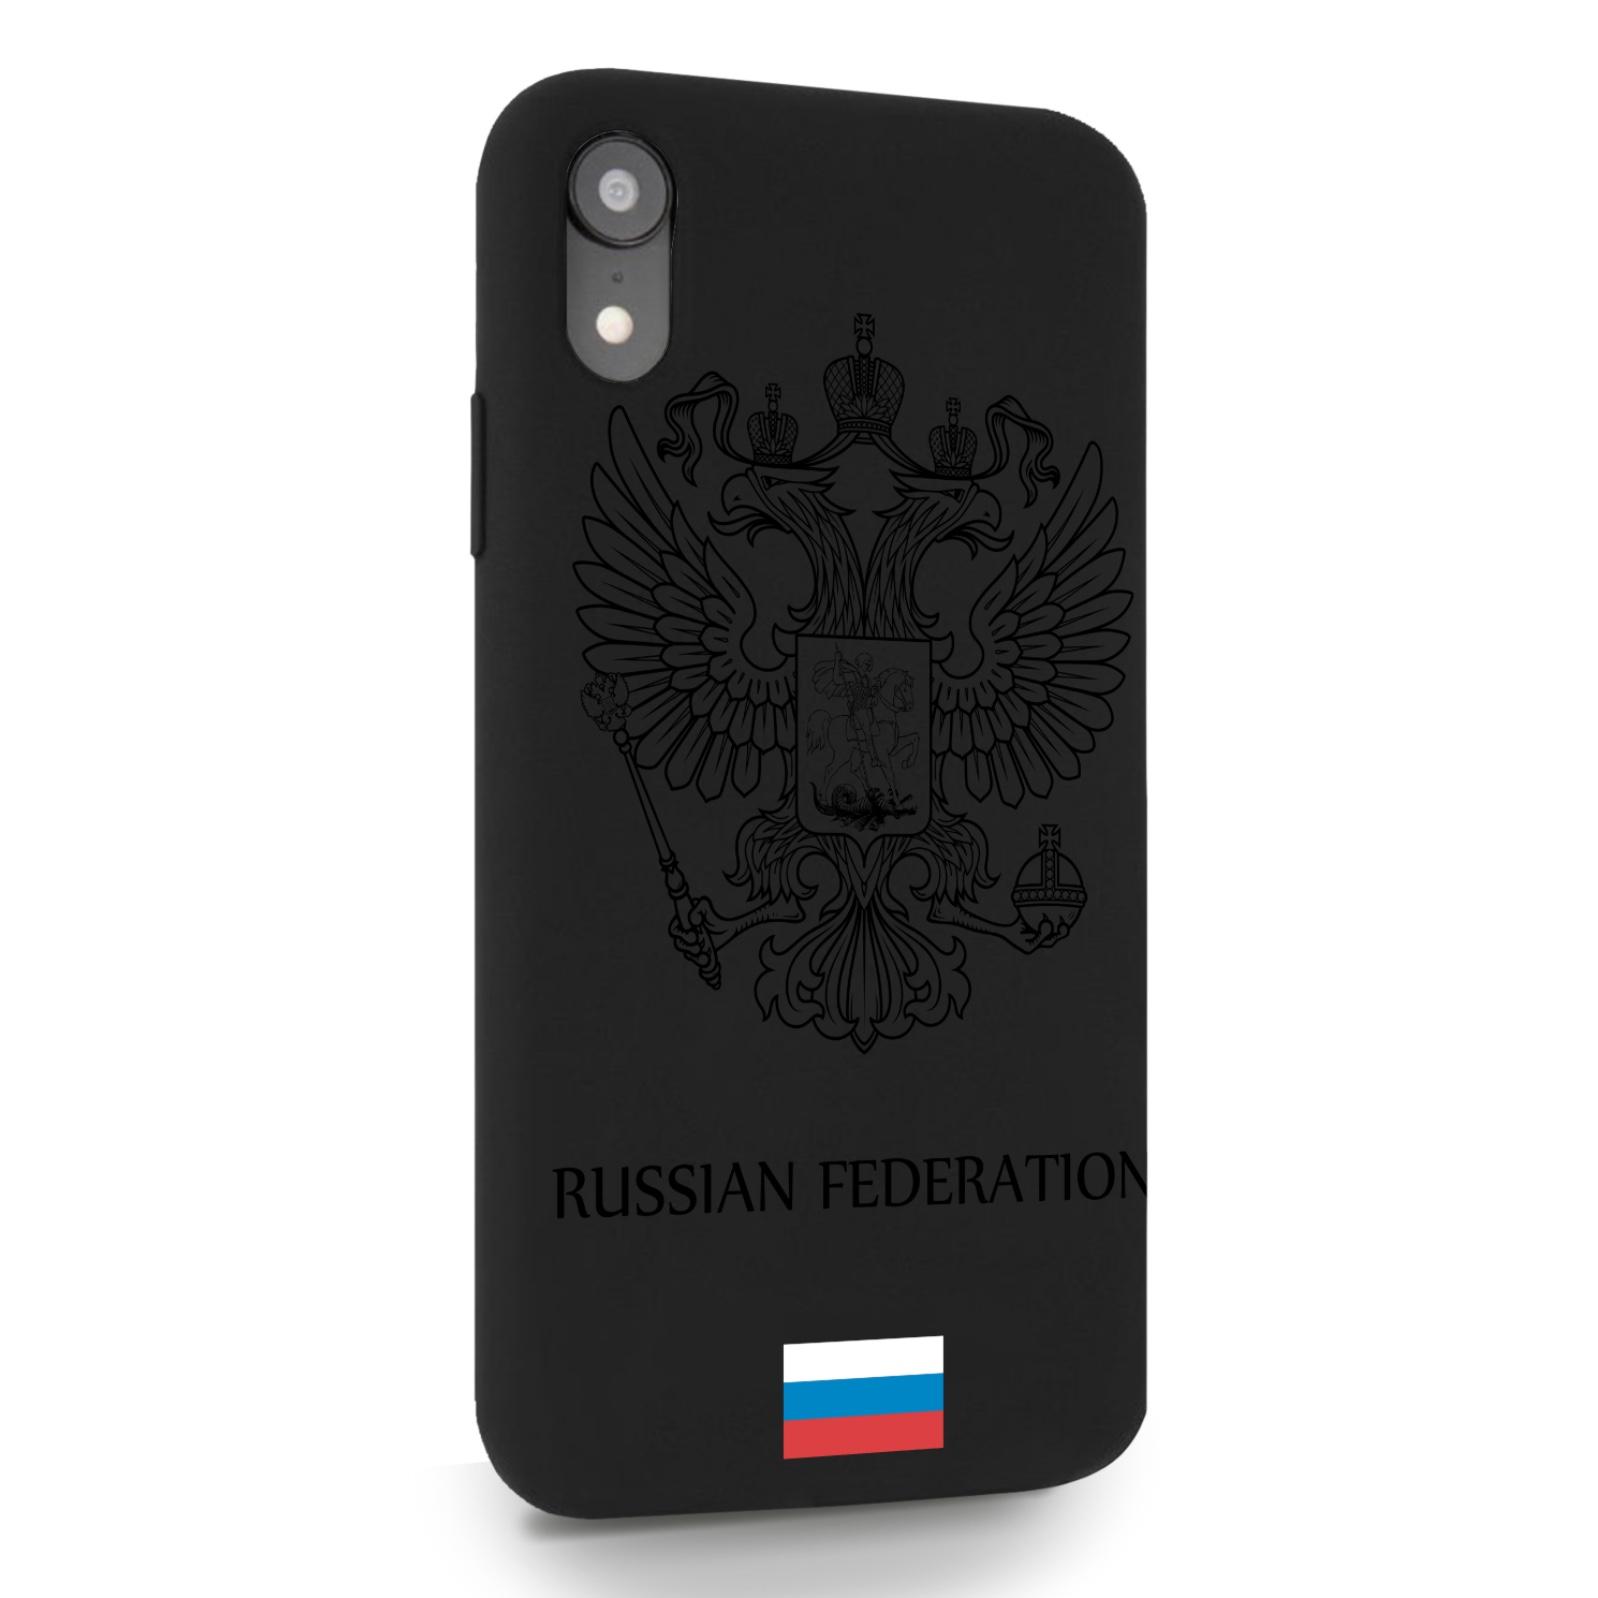 Черный силиконовый чехол для iPhone XR Черный лаковый Герб Россия для Айфон 10R